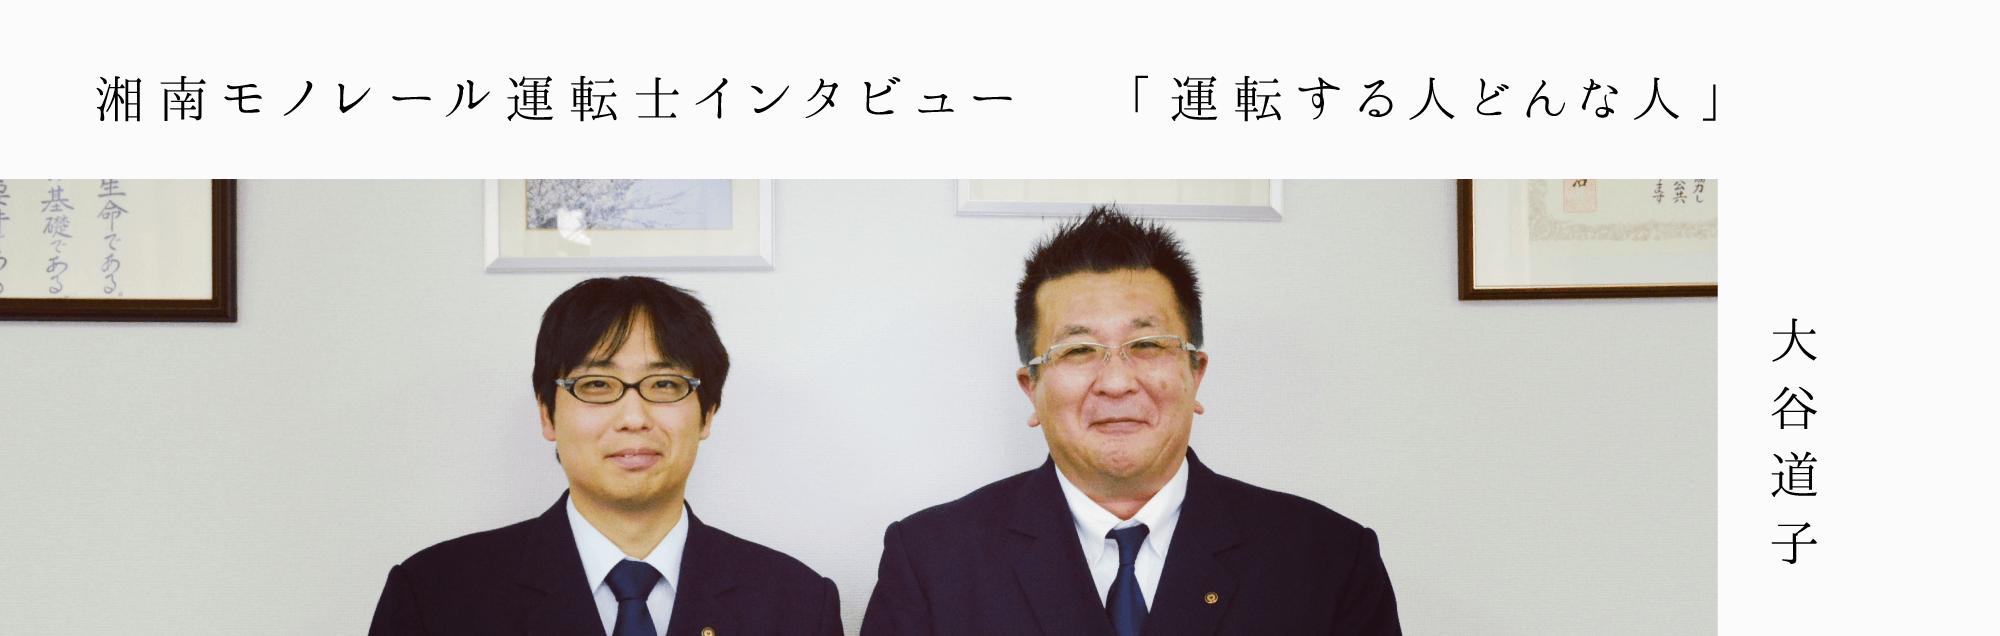 湘南モノレール運転士インタビュー 「運転する人どんな人」 大谷道子